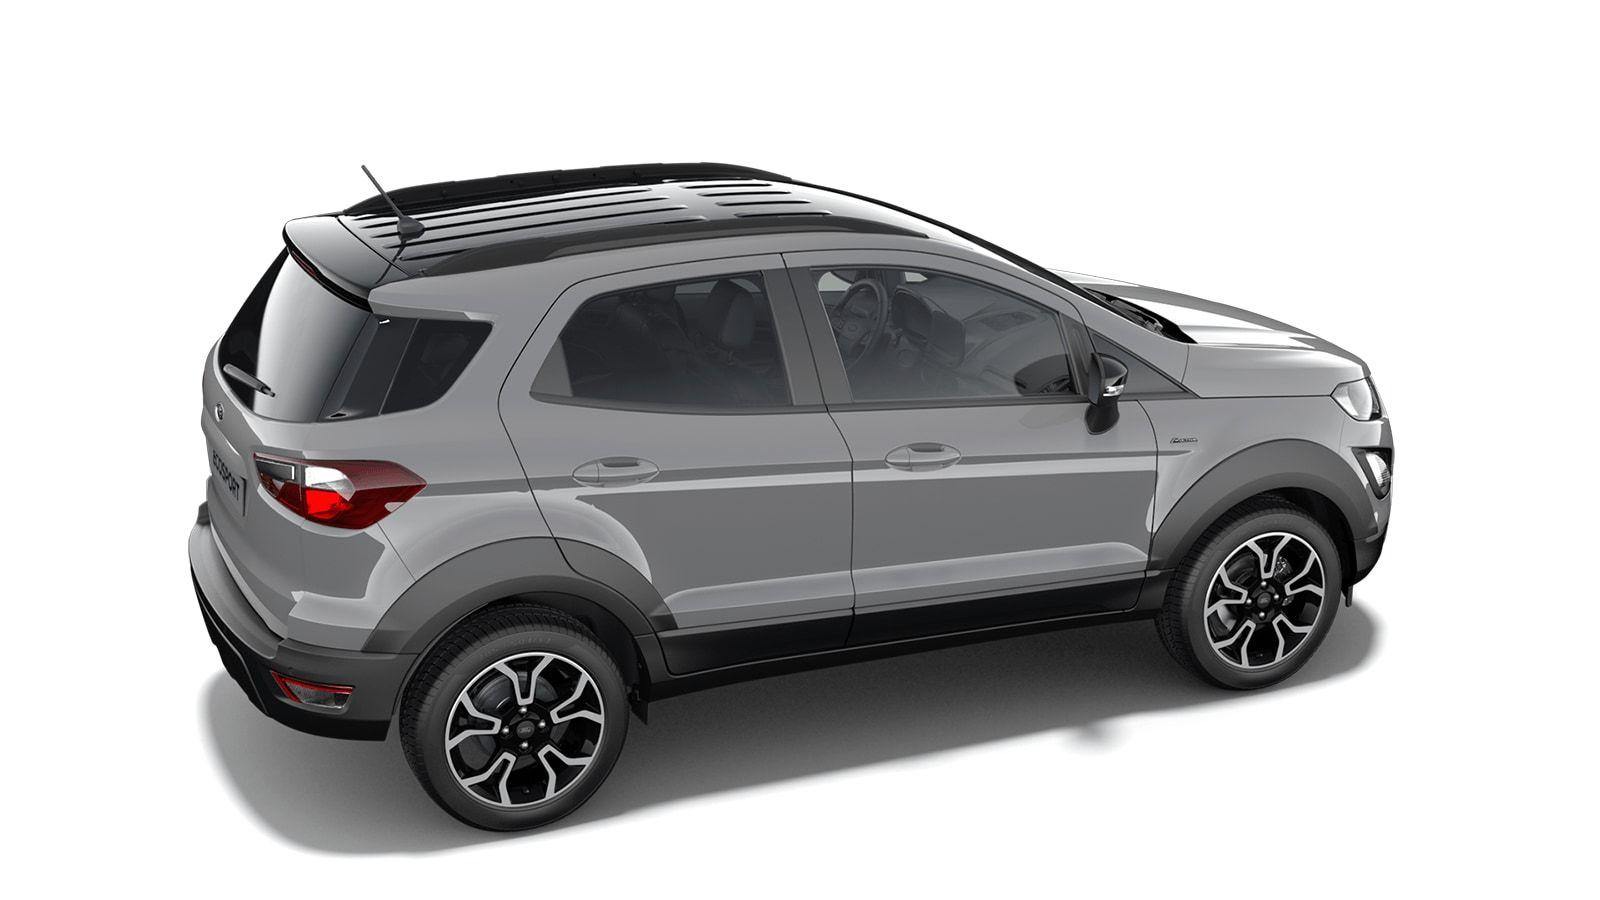 """New Ford New ecosport Active 1.0i EcoBoost 125pk / 92kW M6 - 5d 6GJ - Speciale niet-metaalkleur """"Grey Matter"""" 3"""